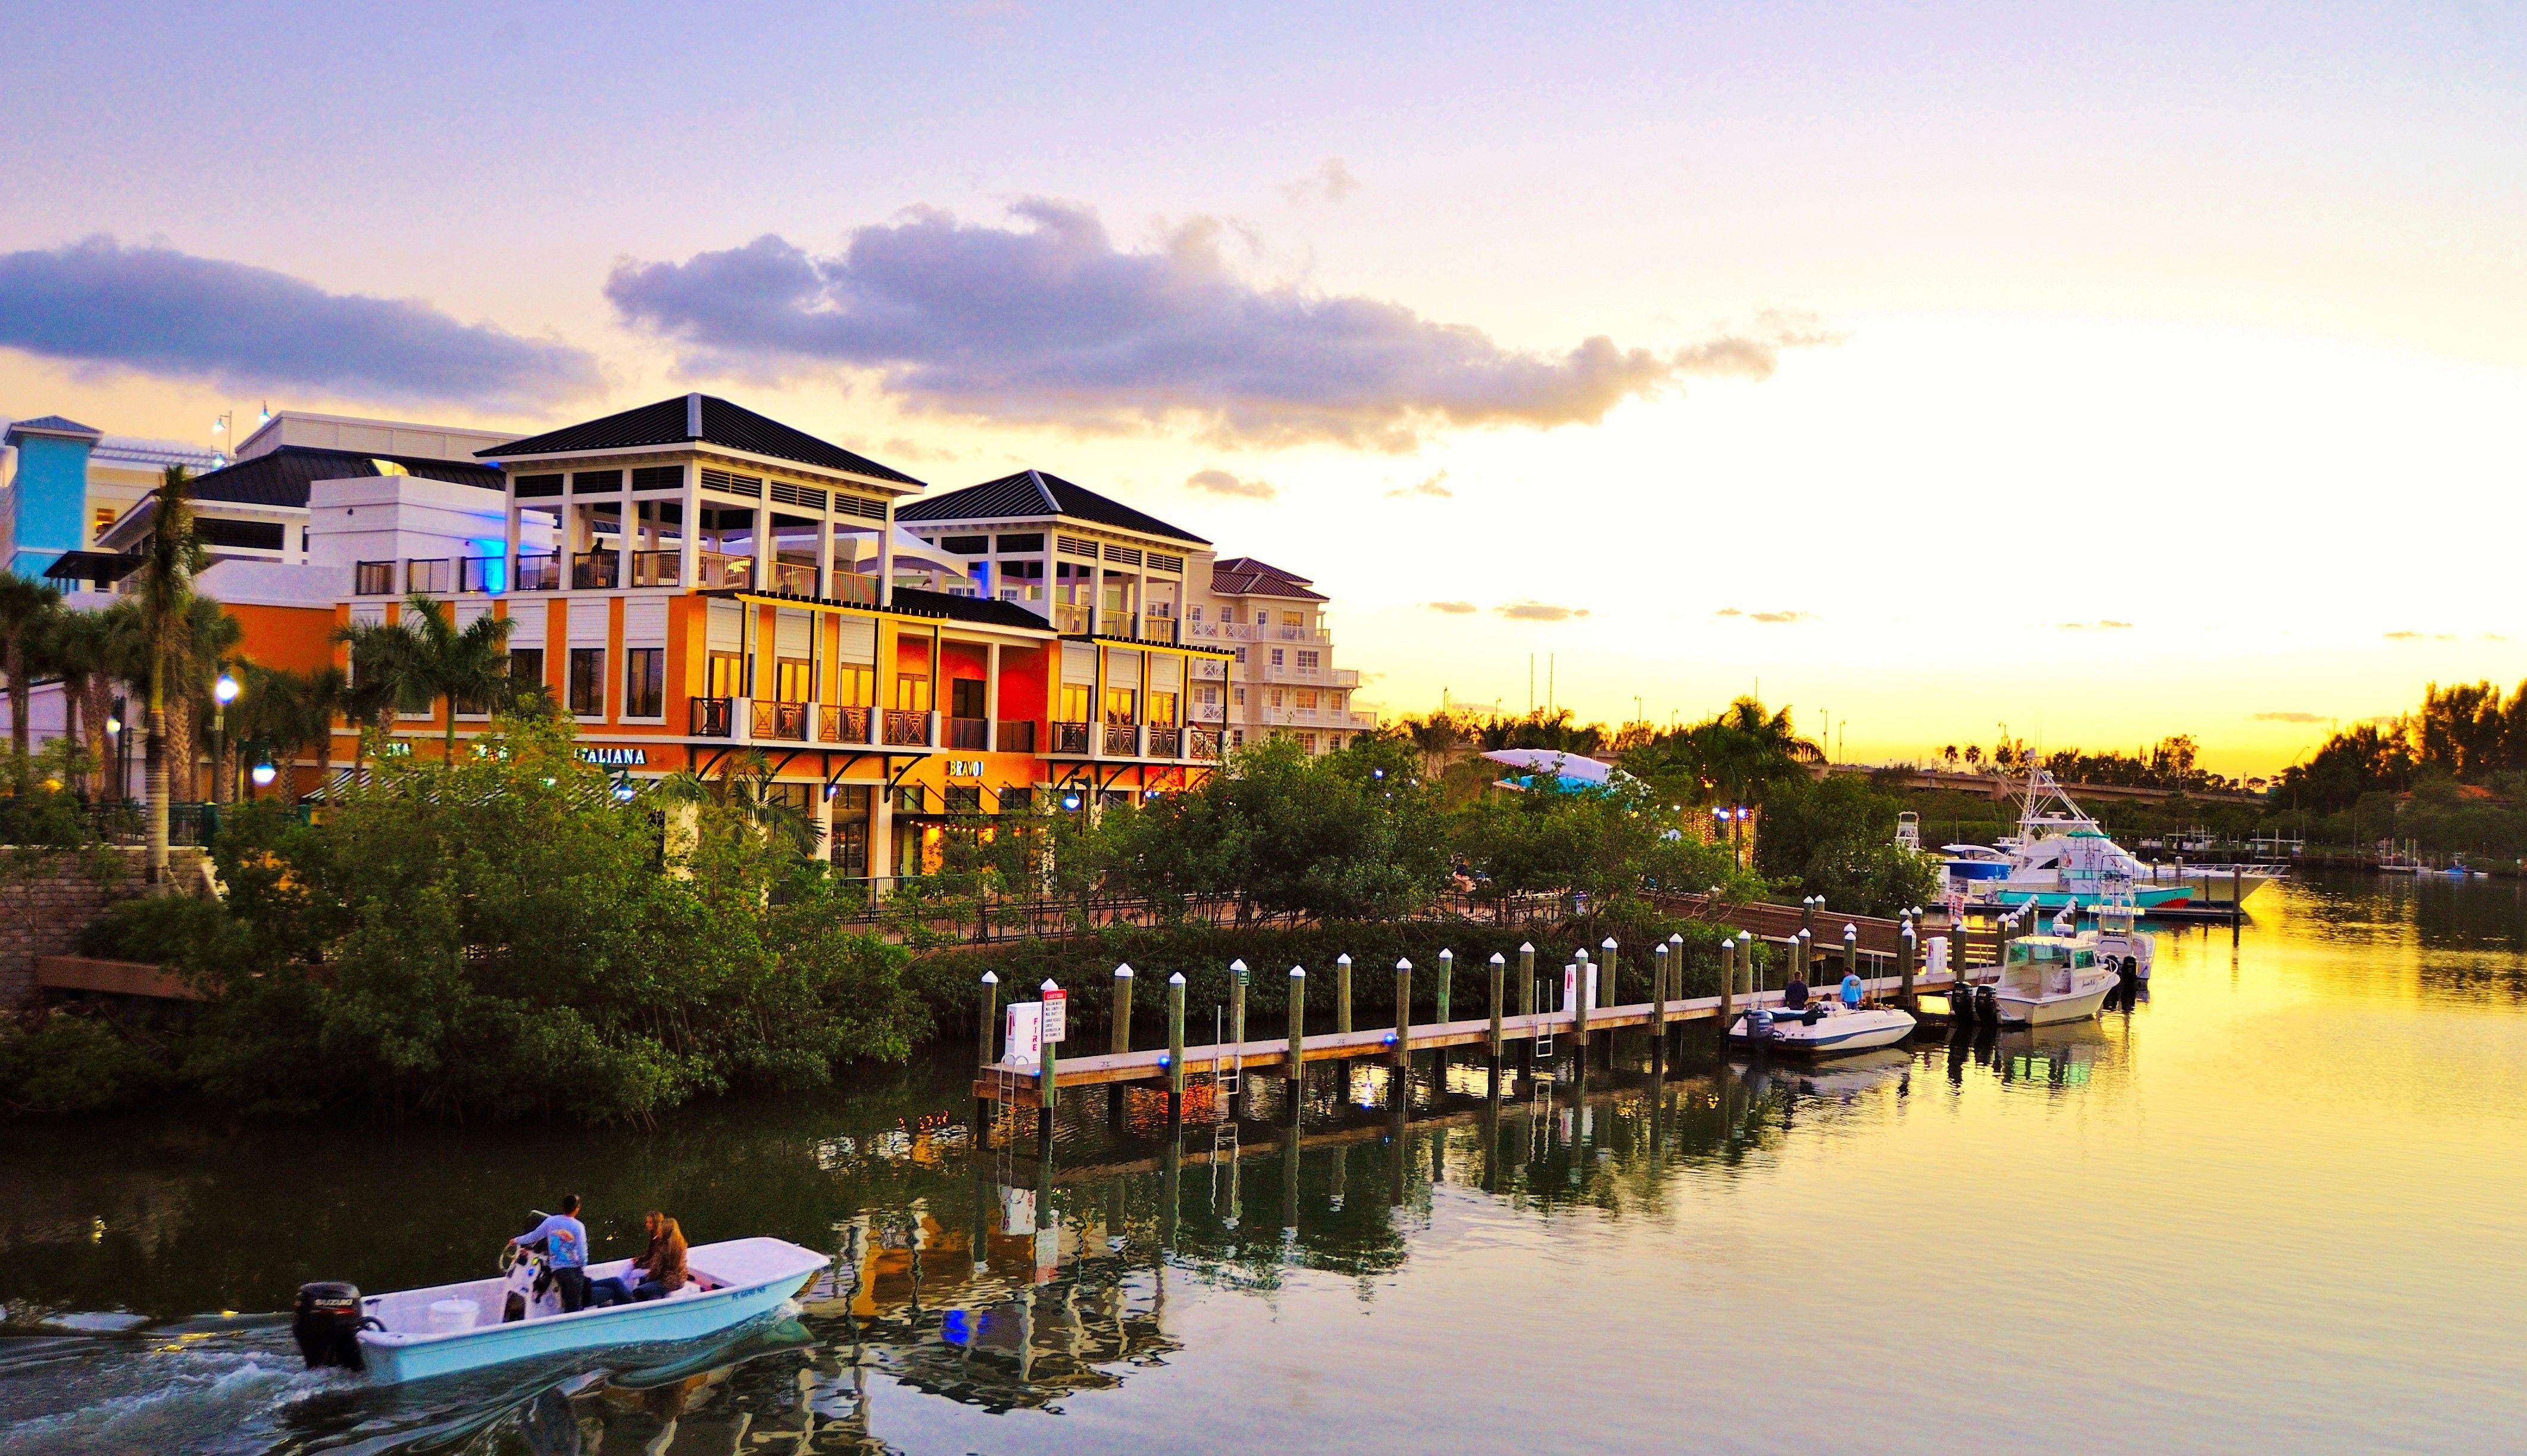 0d6456e28441d6b819840d1924530ba3 - Waterway Cafe Palm Beach Gardens Fl Menu